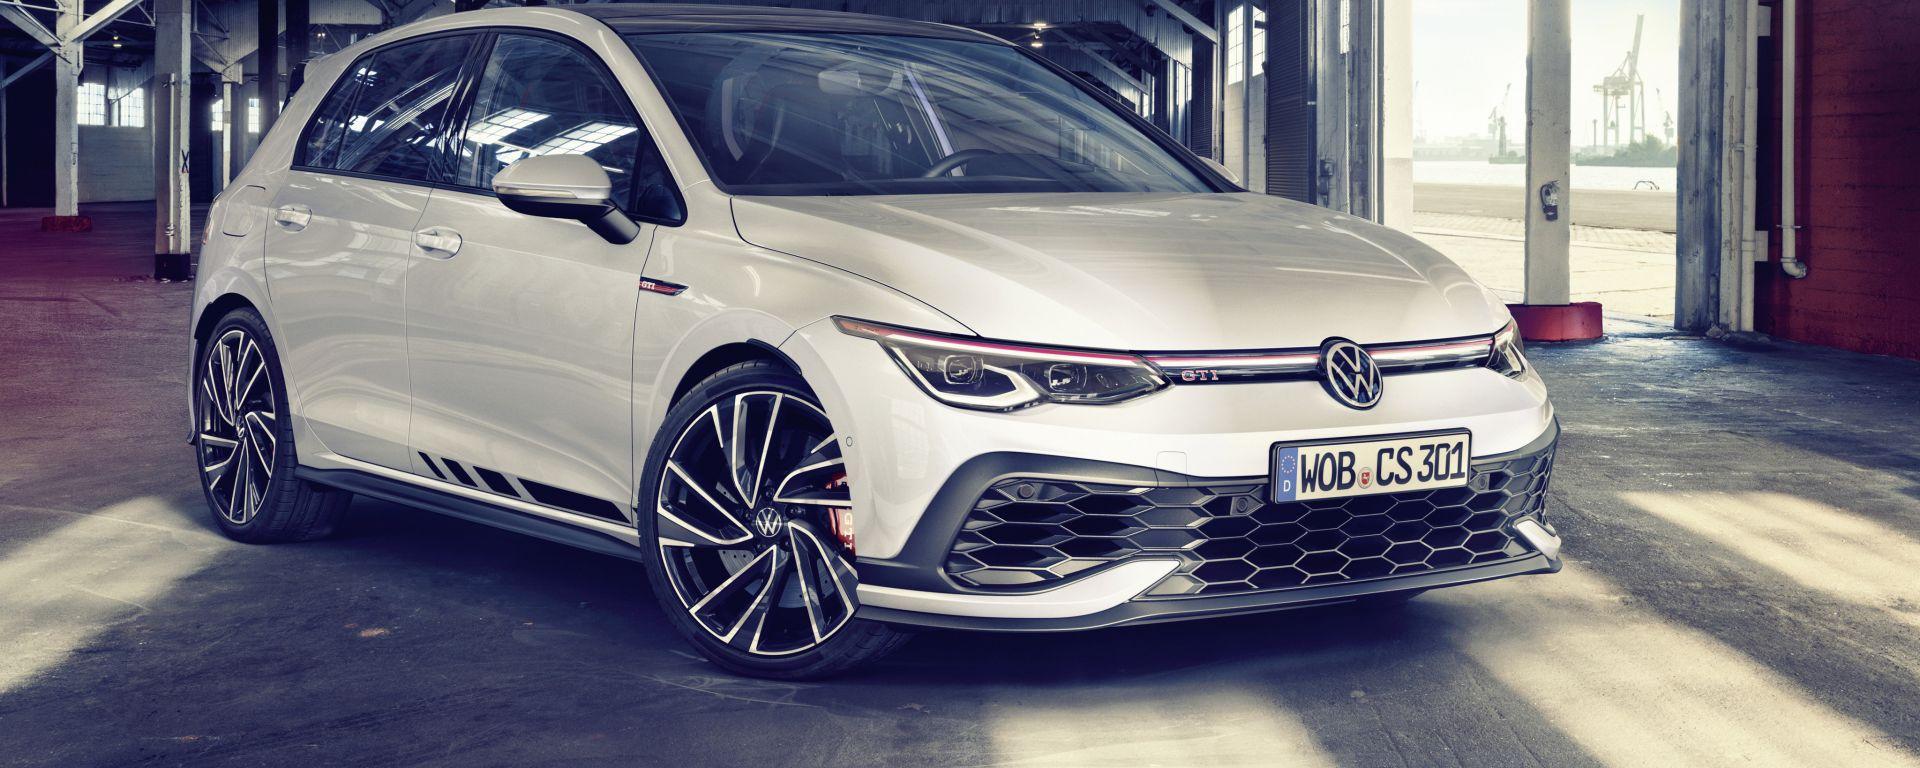 Nuova Volkswagen Golf GTI Clubsport: nata e cresciuta al 'Ring